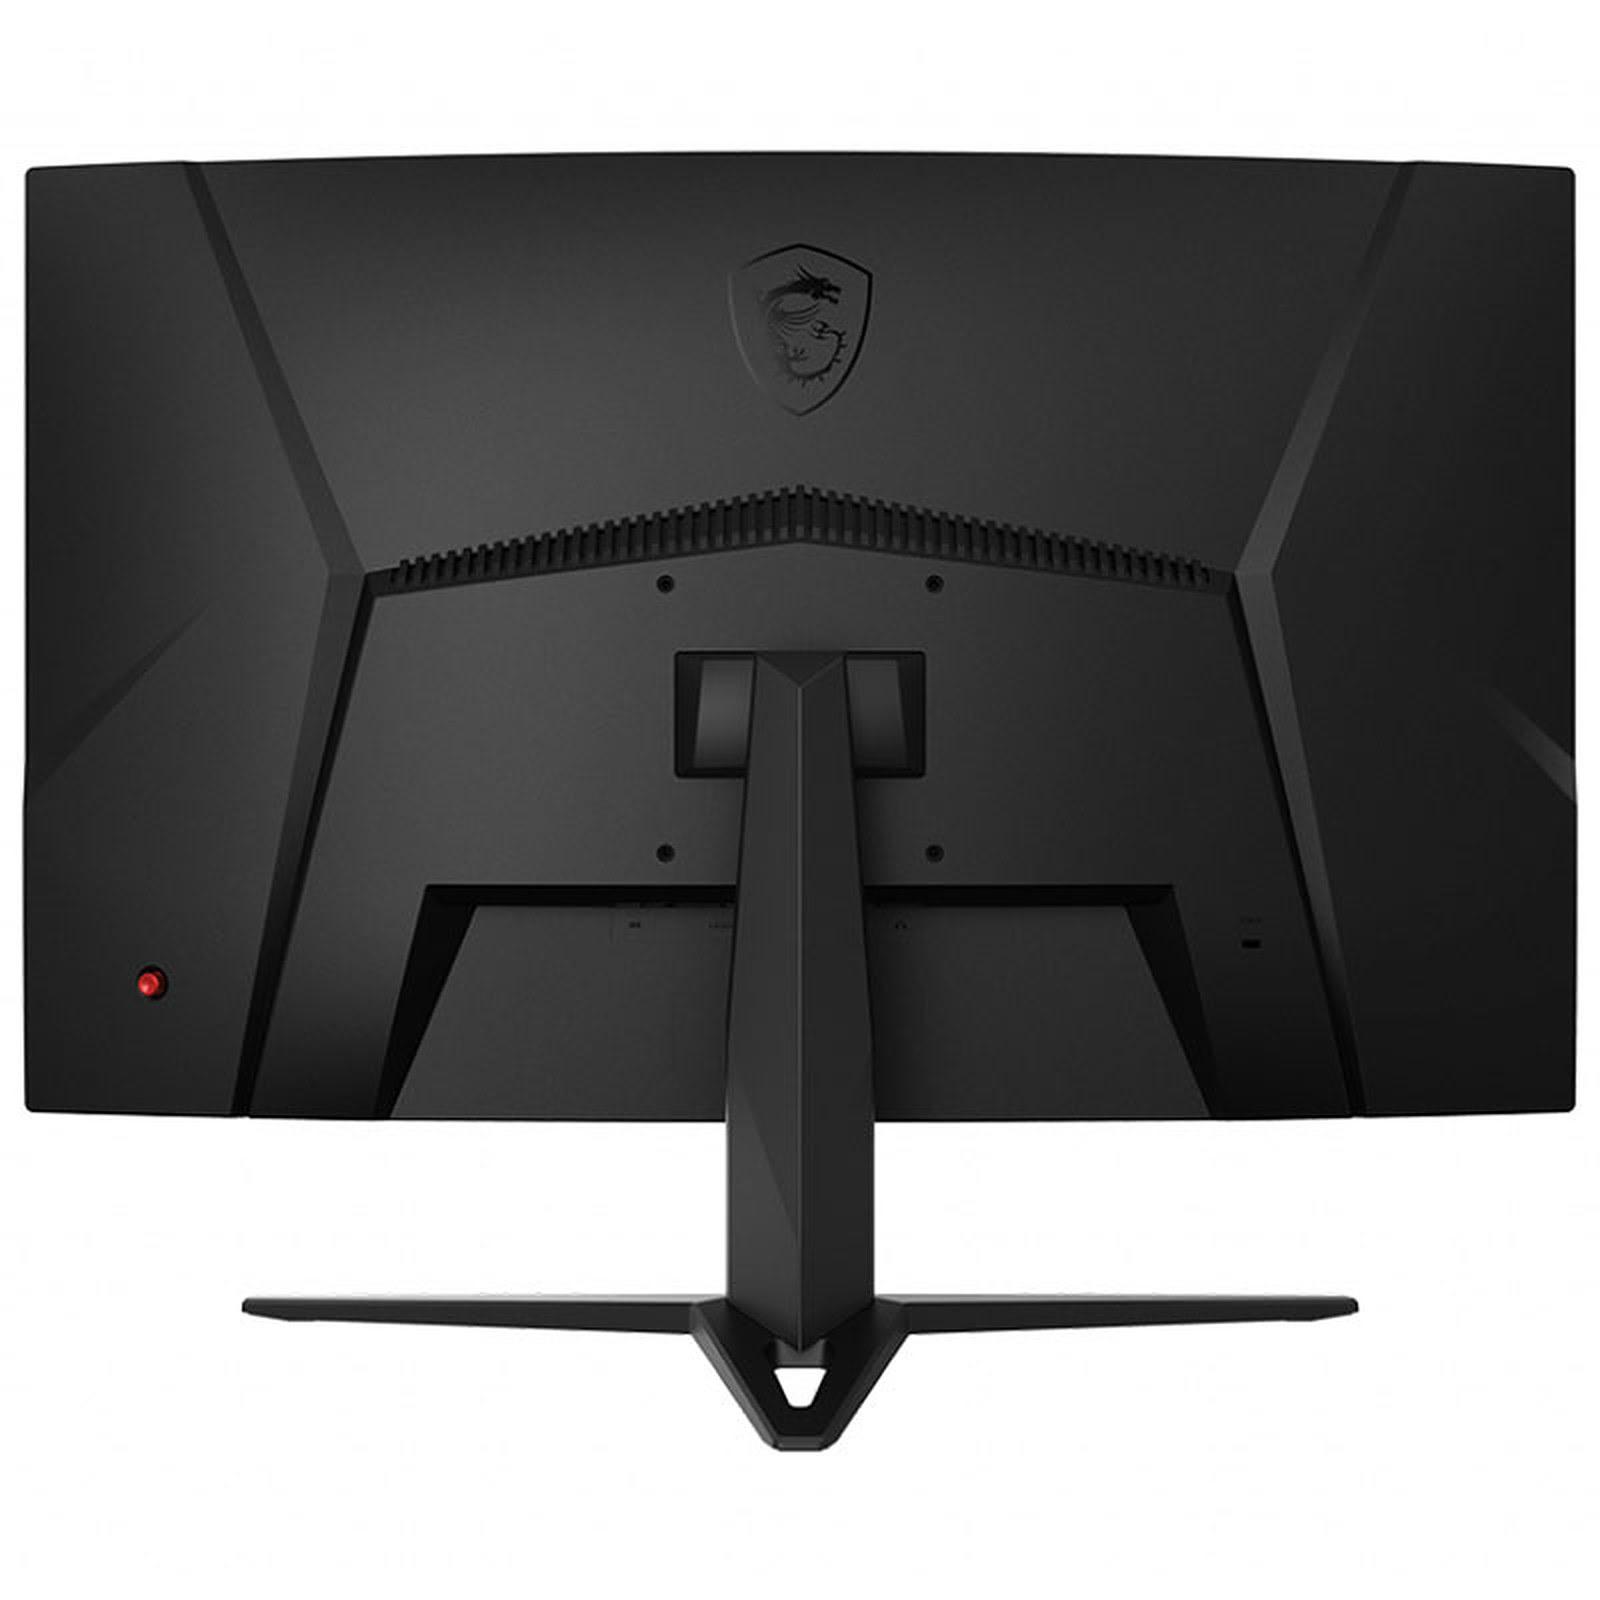 """OPTIX G32C4 - 31.5"""" Incurvé/1ms/FHD/165Hz/FS/DP (9S6-3DA61T-007) - Achat / Vente Ecran PC sur Picata.fr - 1"""